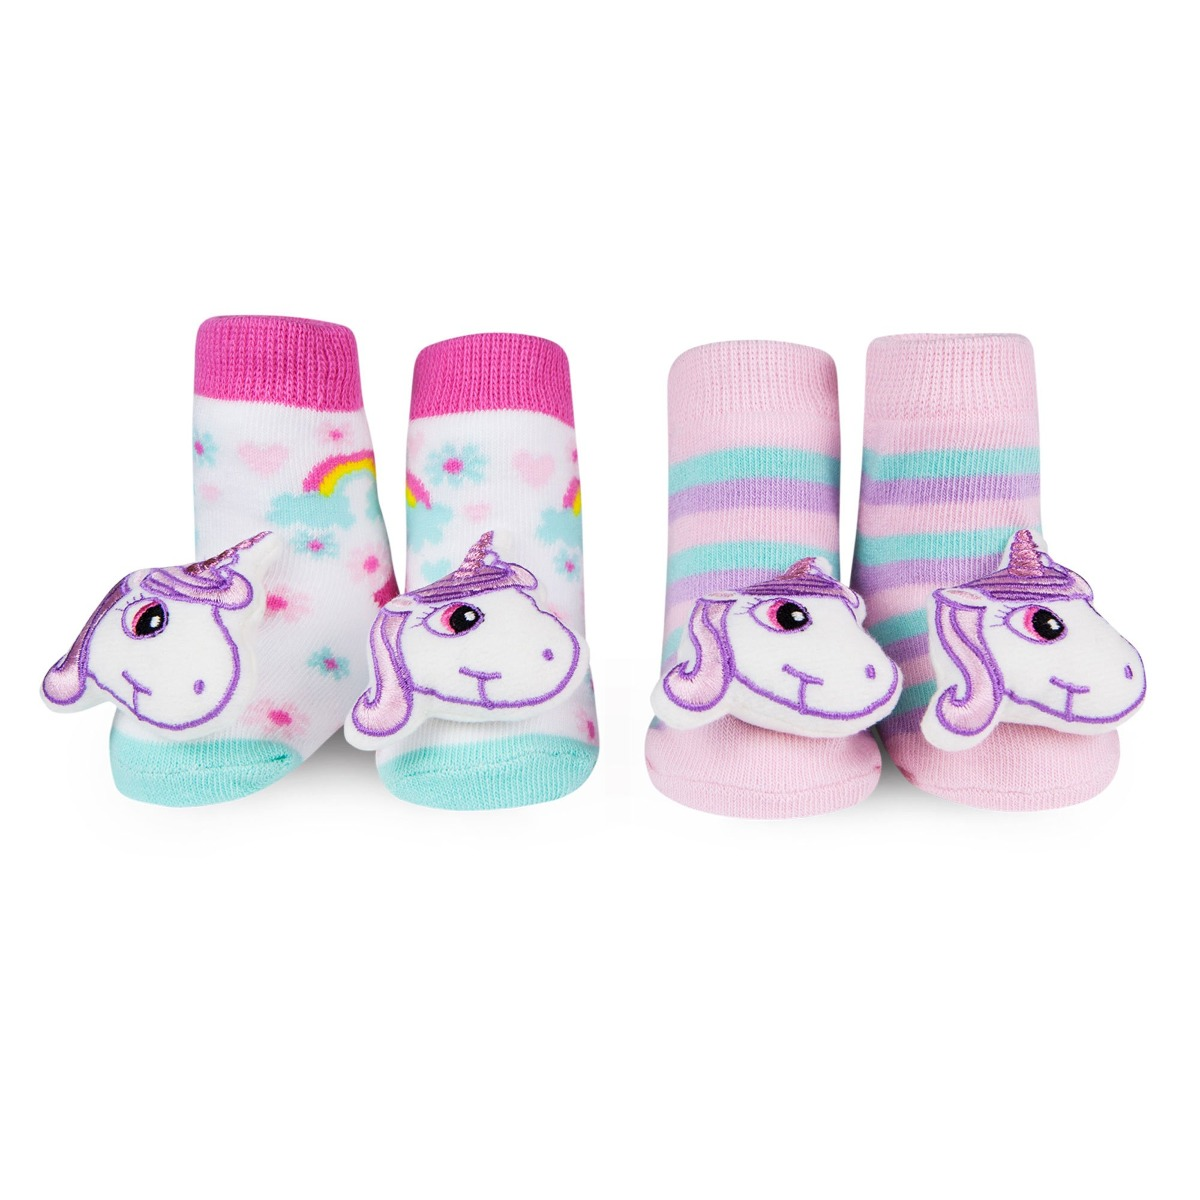 Waddle Unicorn Baby Rattle Socks 2 Pack Newborn Baby Botines ...